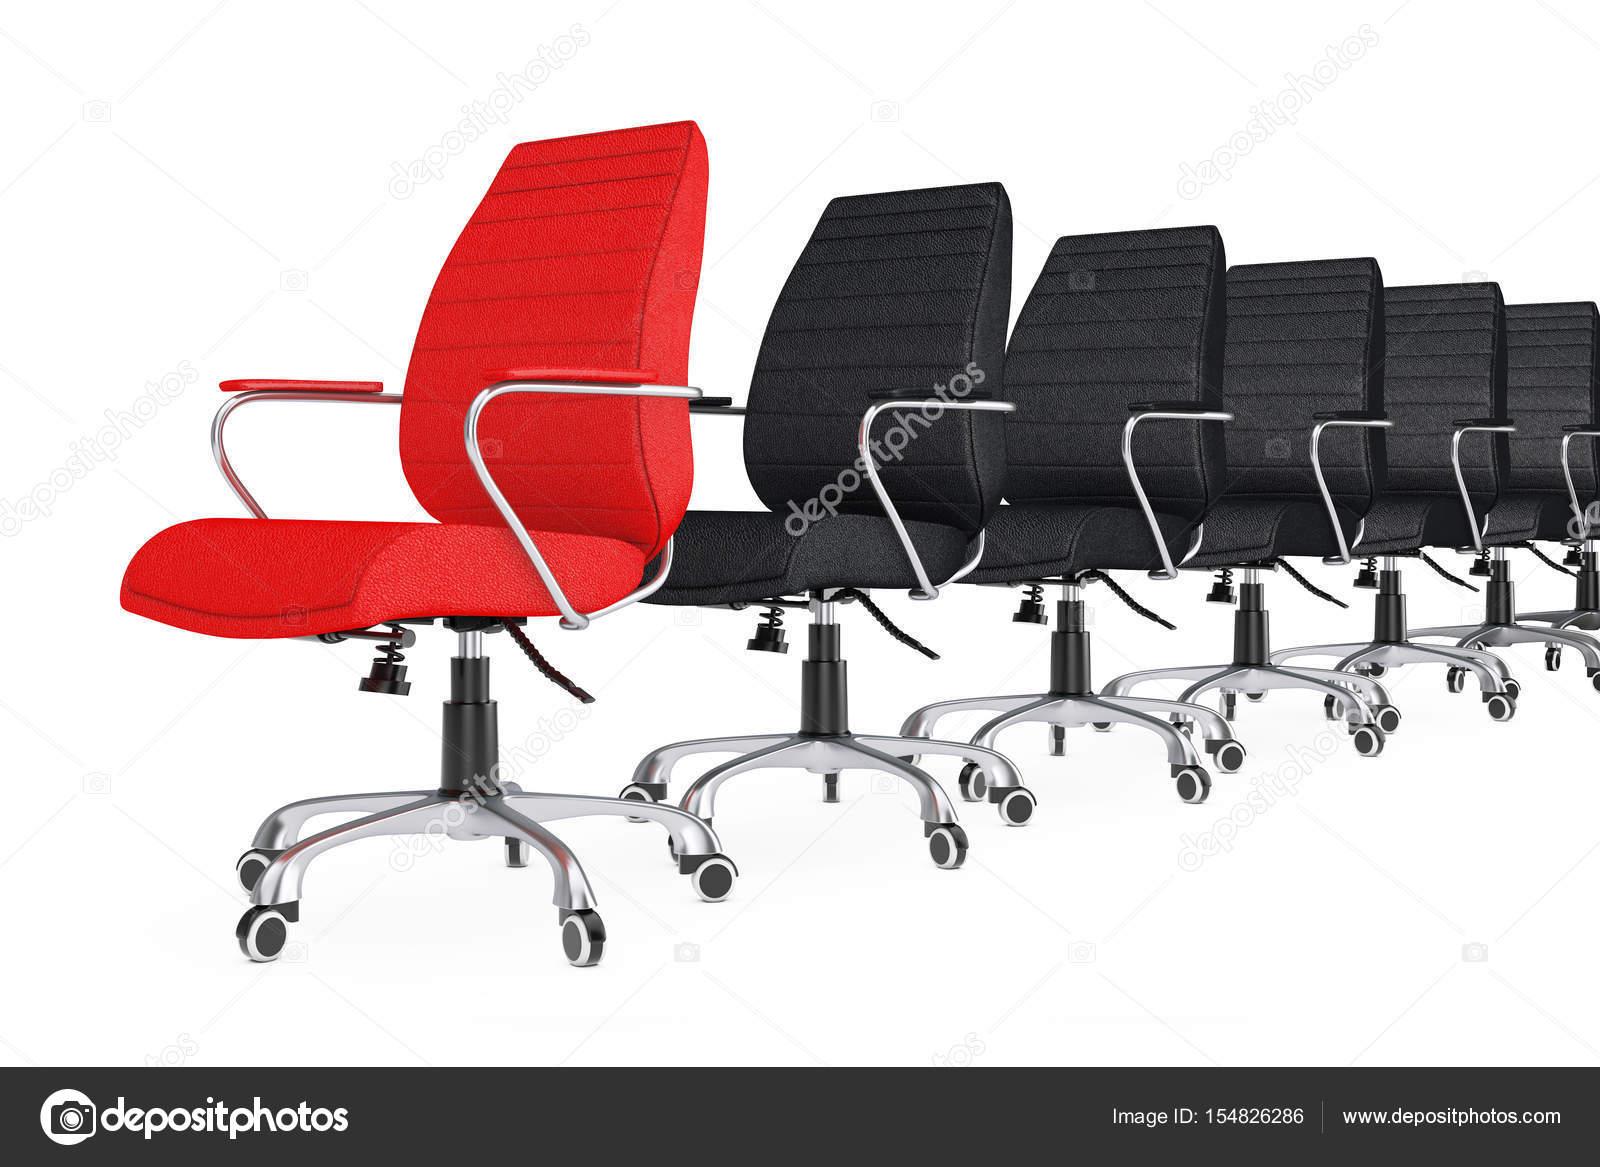 Червоний шкіра бос офісні крісла як лідера у ряді чорний стільці — стокове  фото 579c83b5f38f3